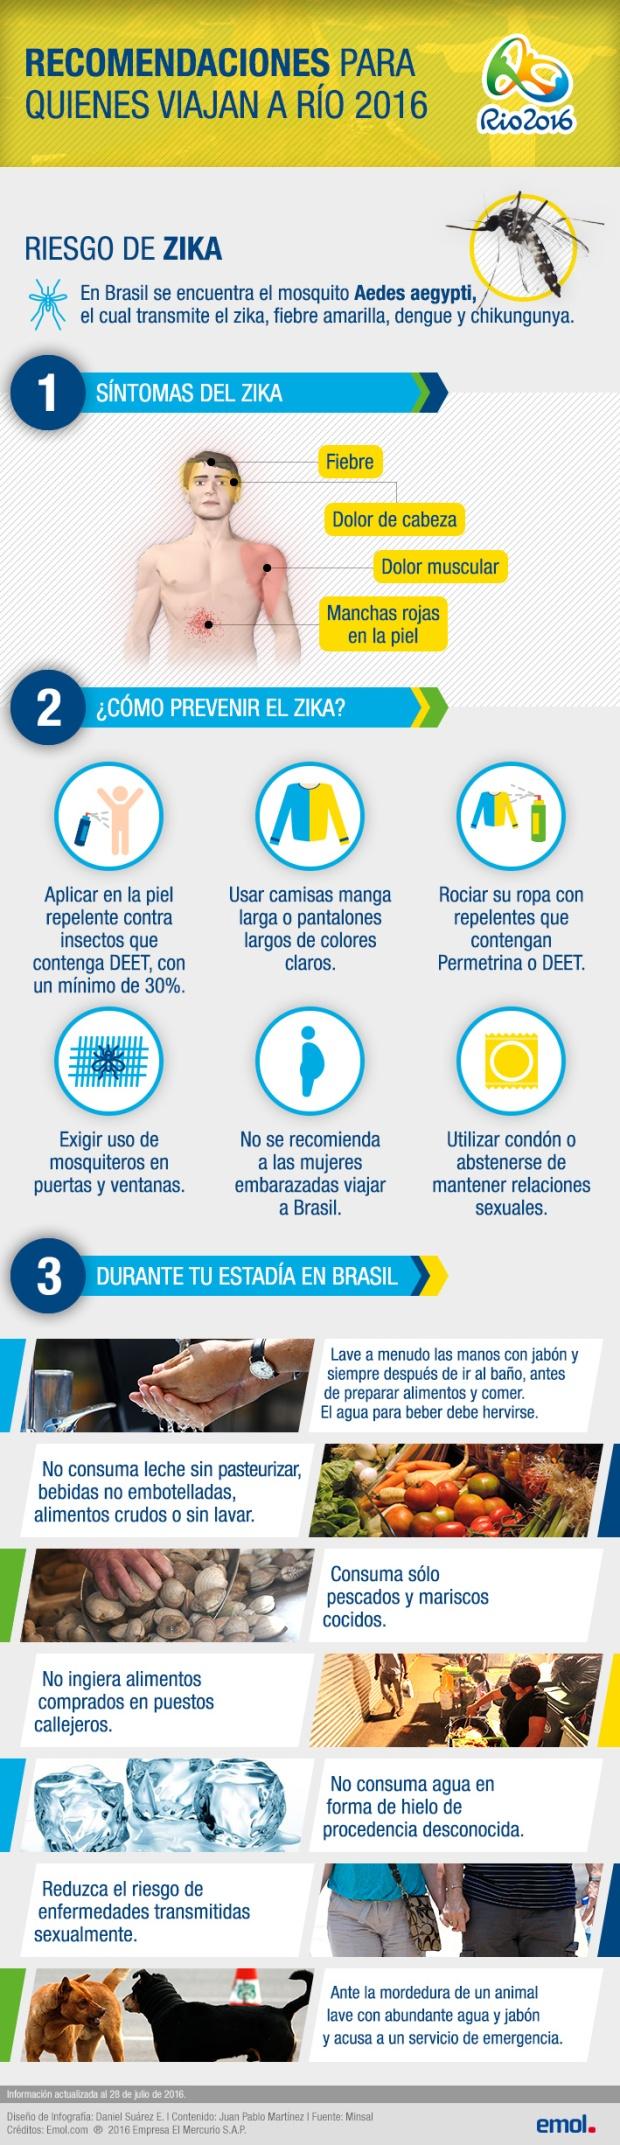 Recomendaciones sanitarias para los que viajen a Rio 2016